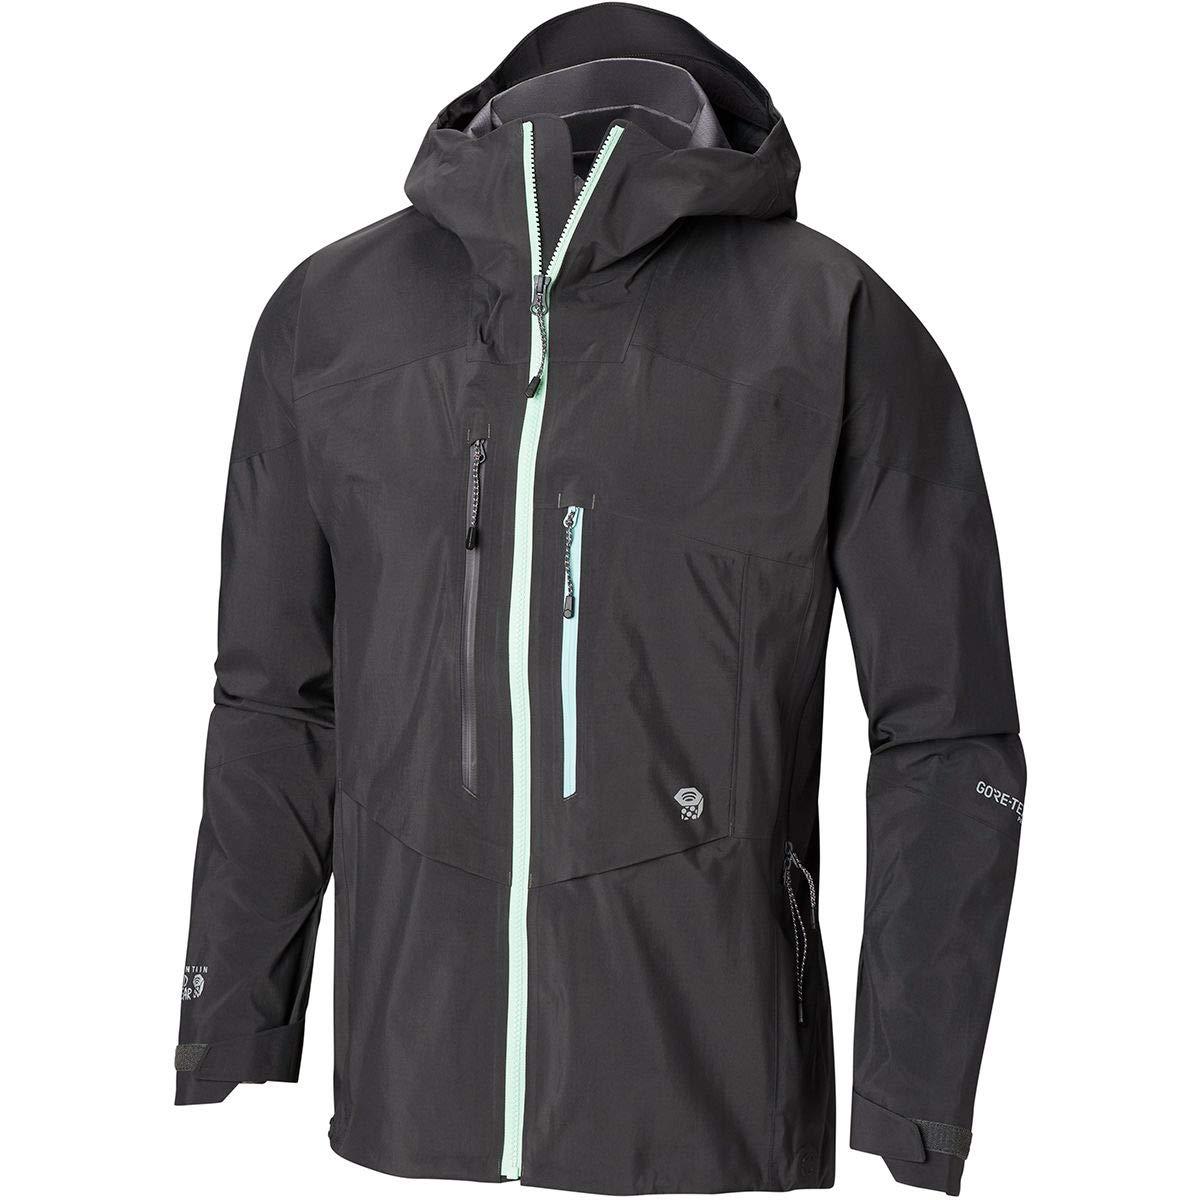 【オープニング 大放出セール】 [マウンテンハードウェア] メンズ メンズ ジャケット&ブルゾン Exposure/2 Gore-tex Jacket Exposure/2 Pro Jacket [並行輸入品] B07QLLLCFW S, ヤストミチョウ:529d2713 --- irlandskayaliteratura.org